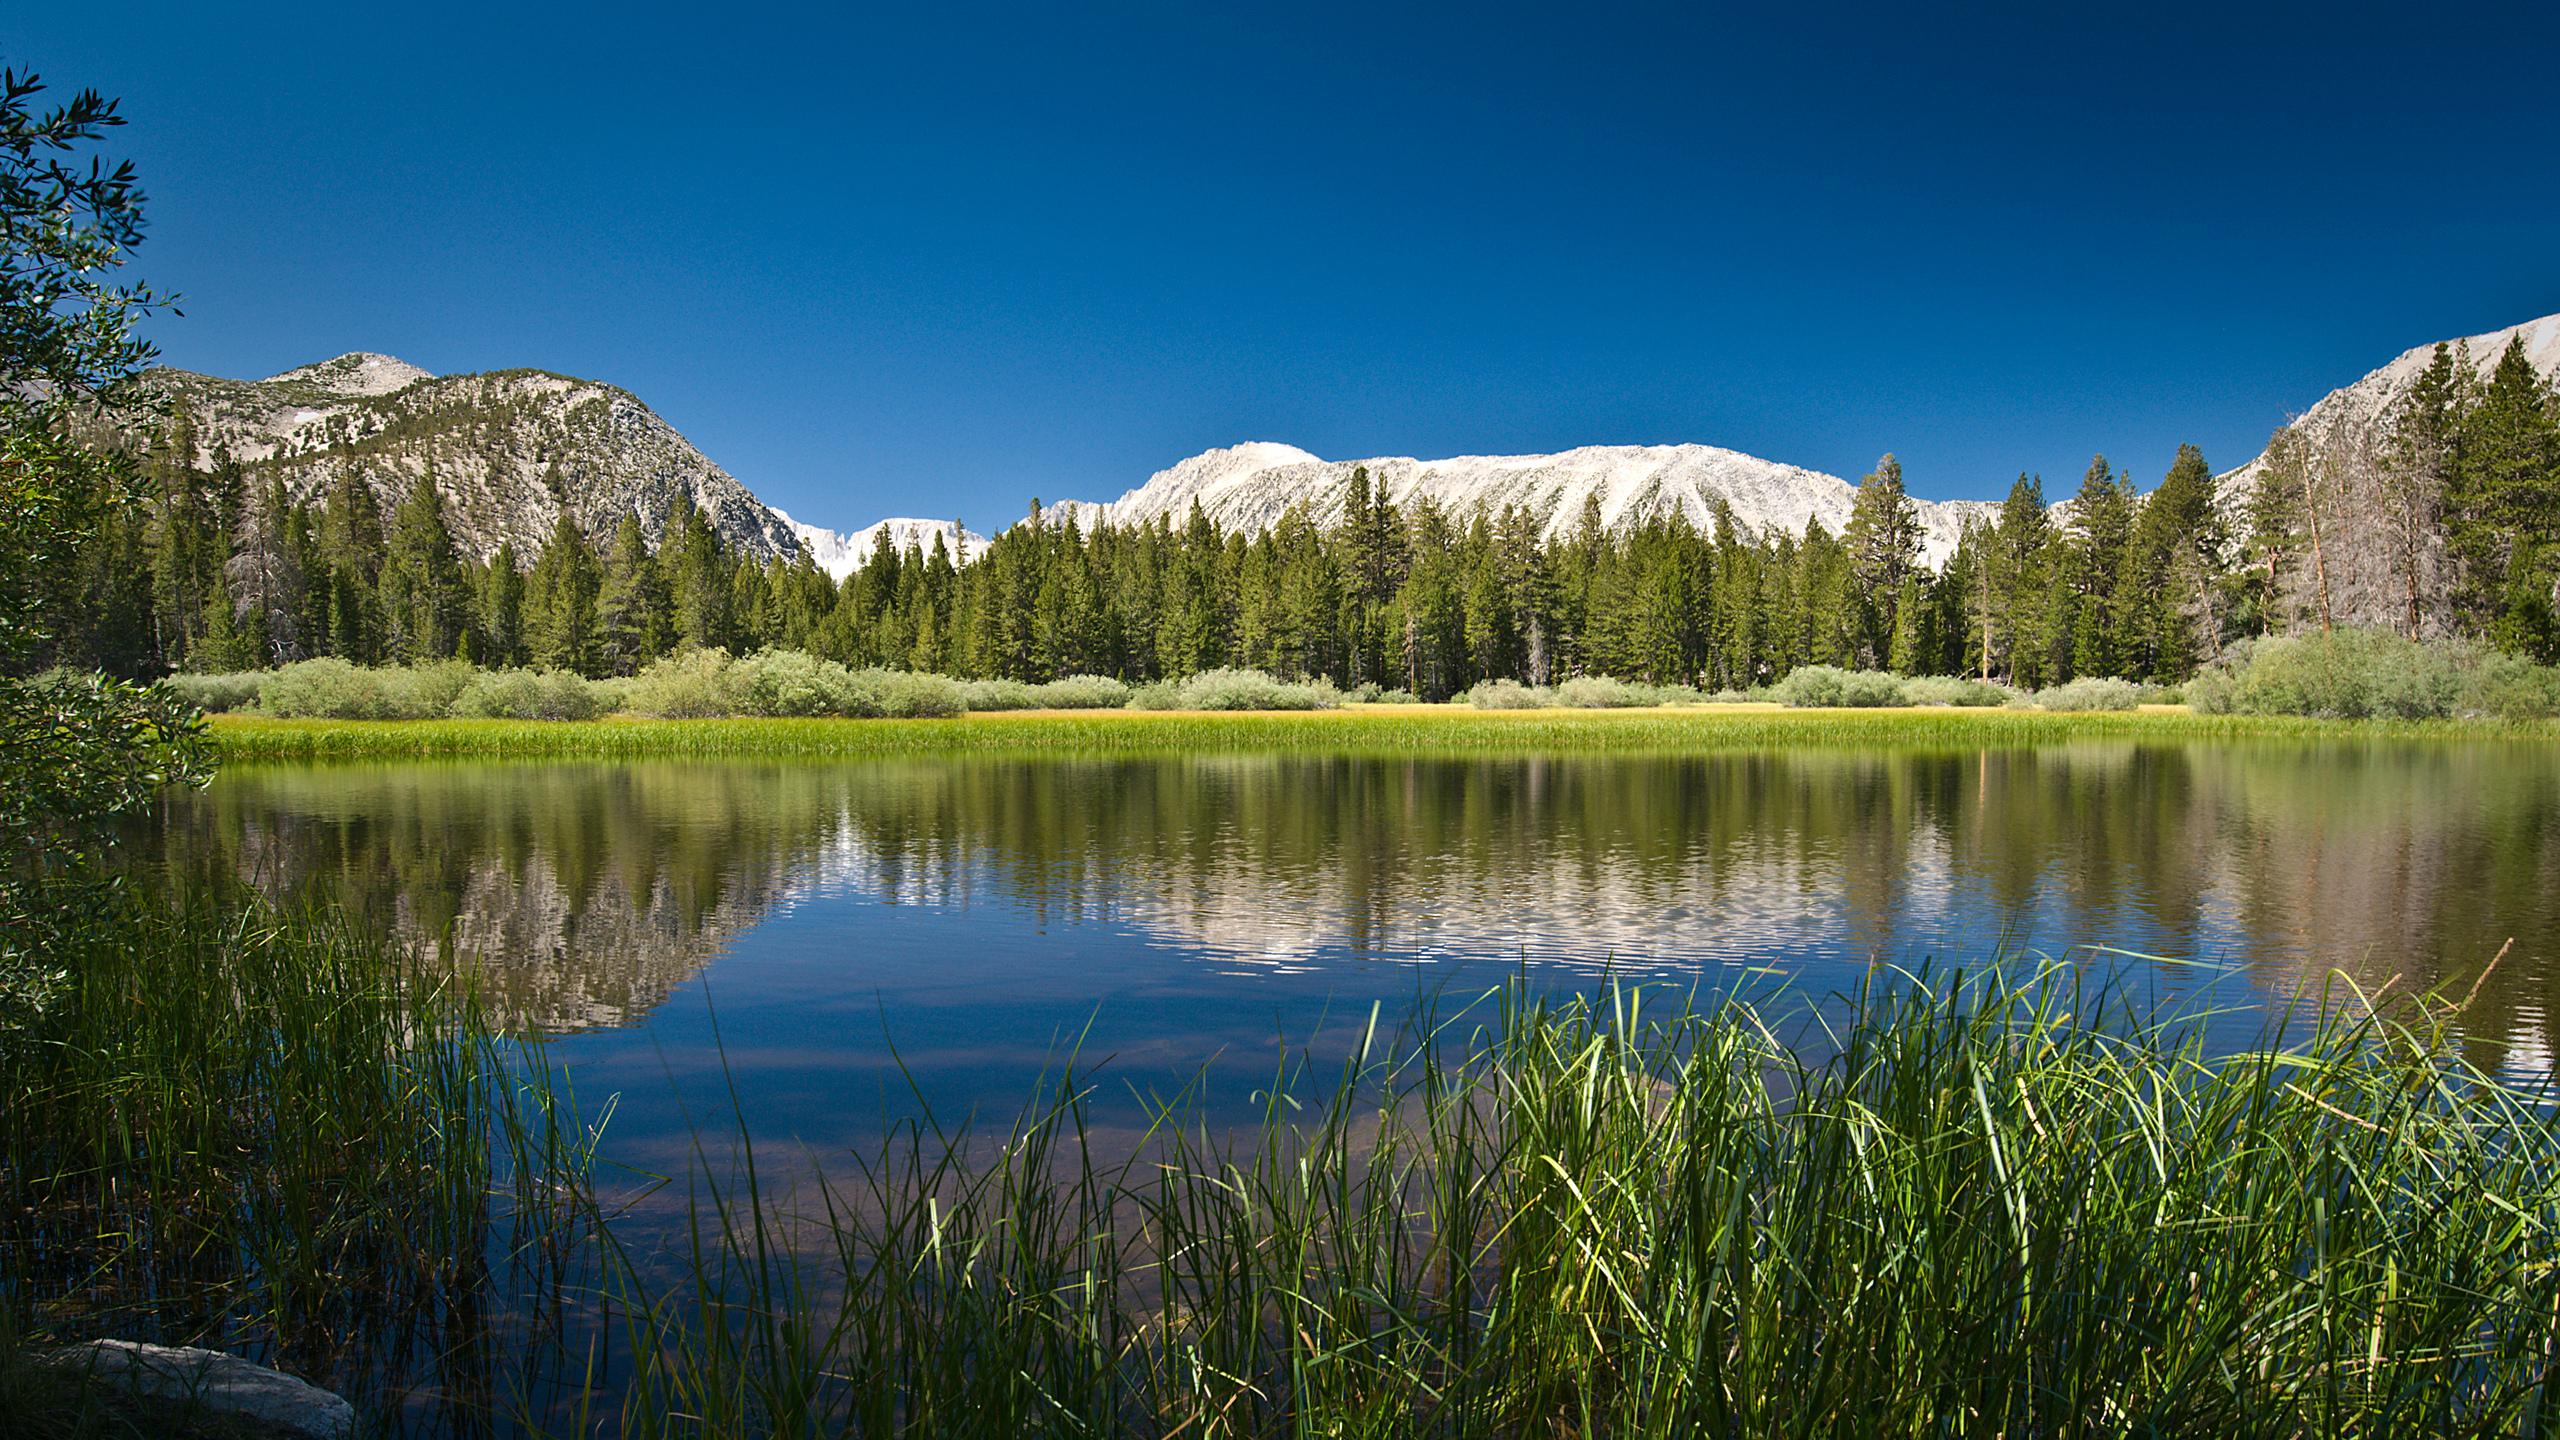 high resolution nature wallpaper 2560x1440 2560x1440